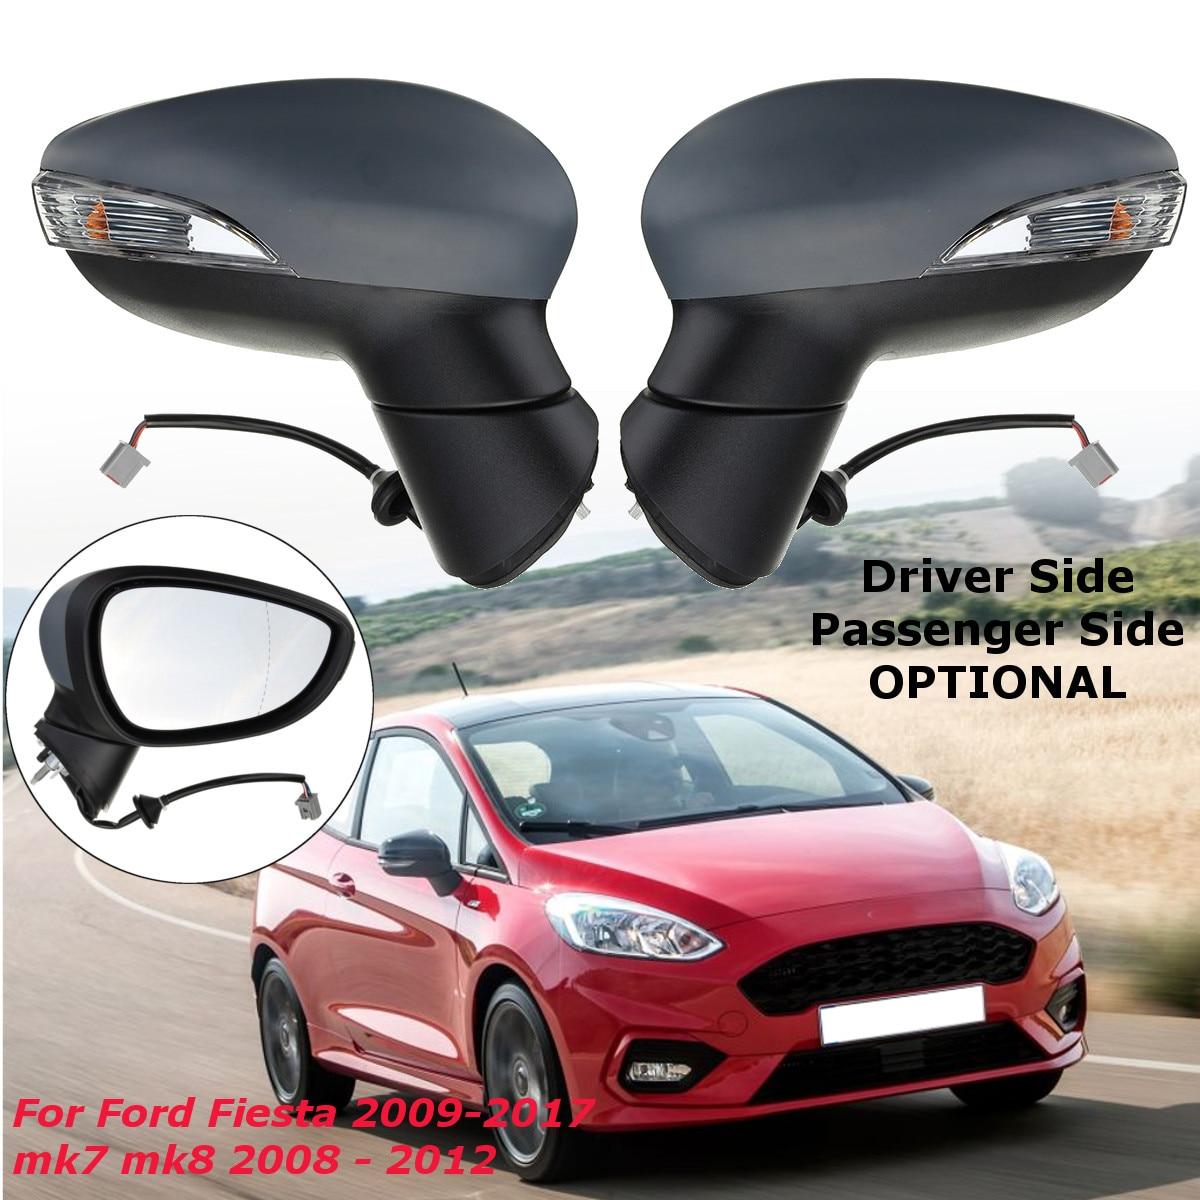 Вправо/влево двери автомобиля Электрический крыло зеркало с подогревом водителя или пассажира для Ford Fiesta 2009-2017 mk7 mk8 2008-2012